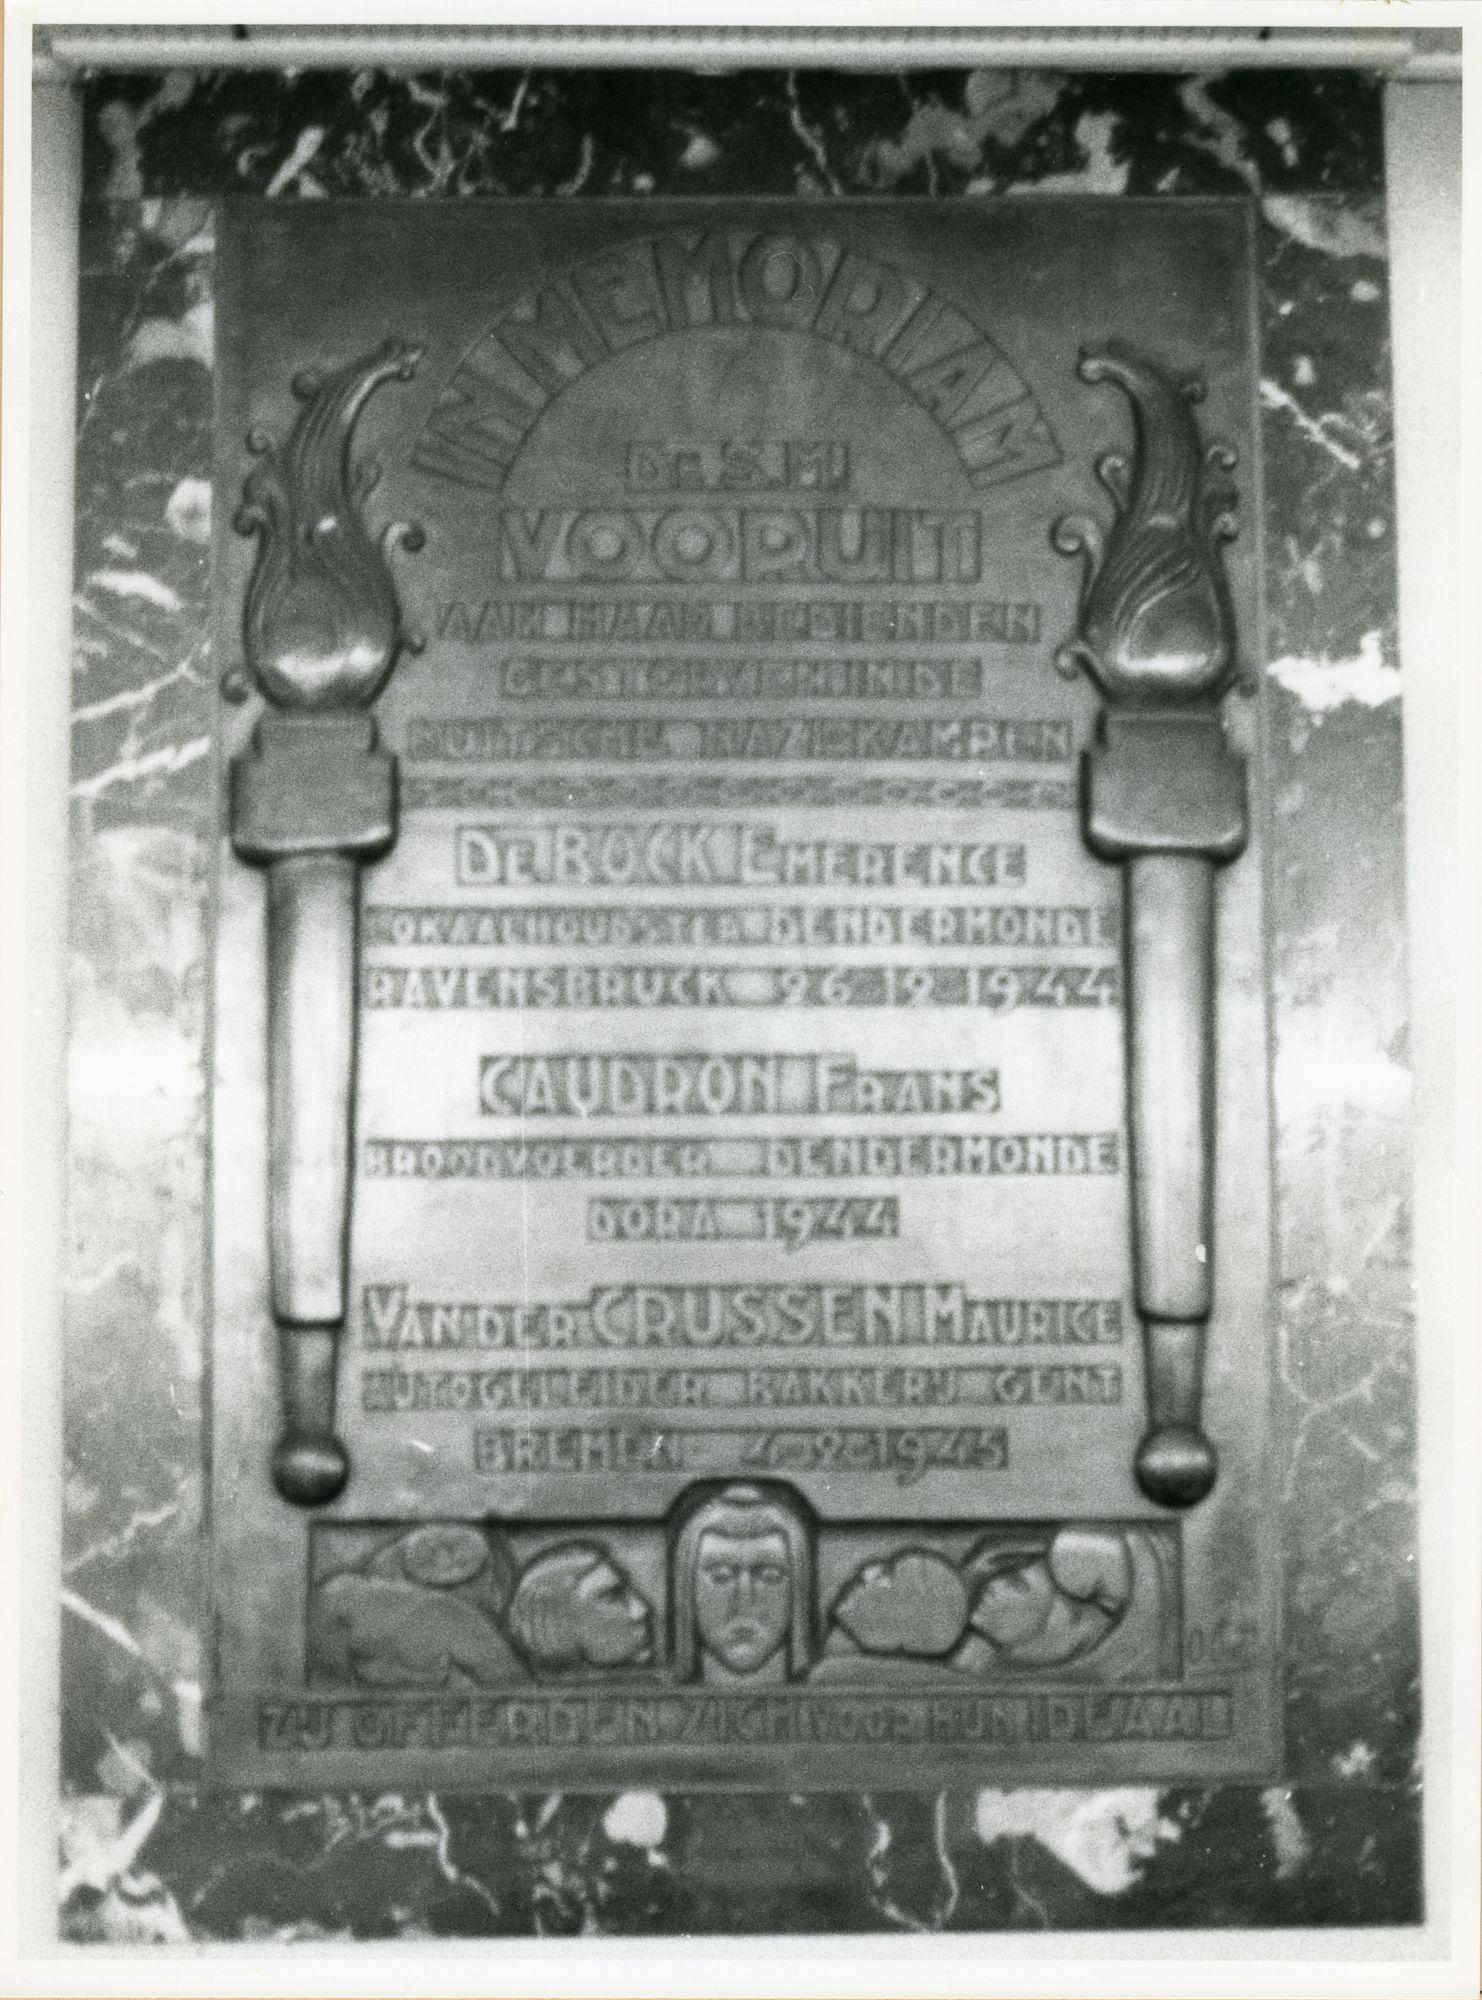 Gent: Sint Pietersnieuwstraat 23: Gedenkplaat, 1980